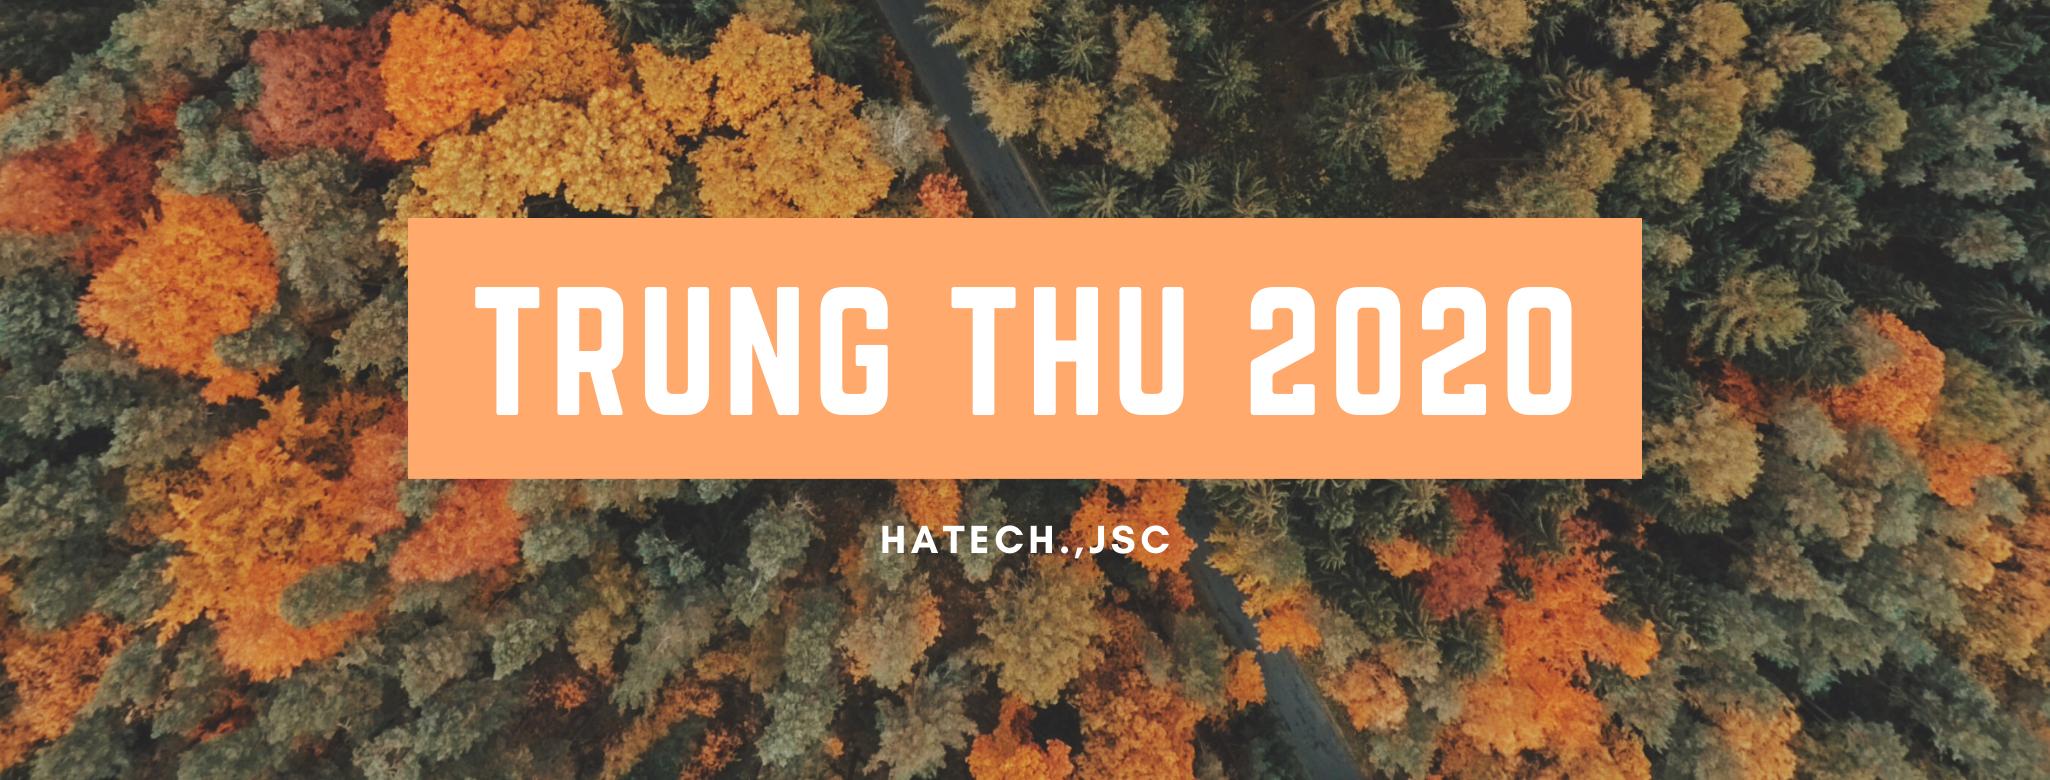 Hatech cùng Trung Thu 2020